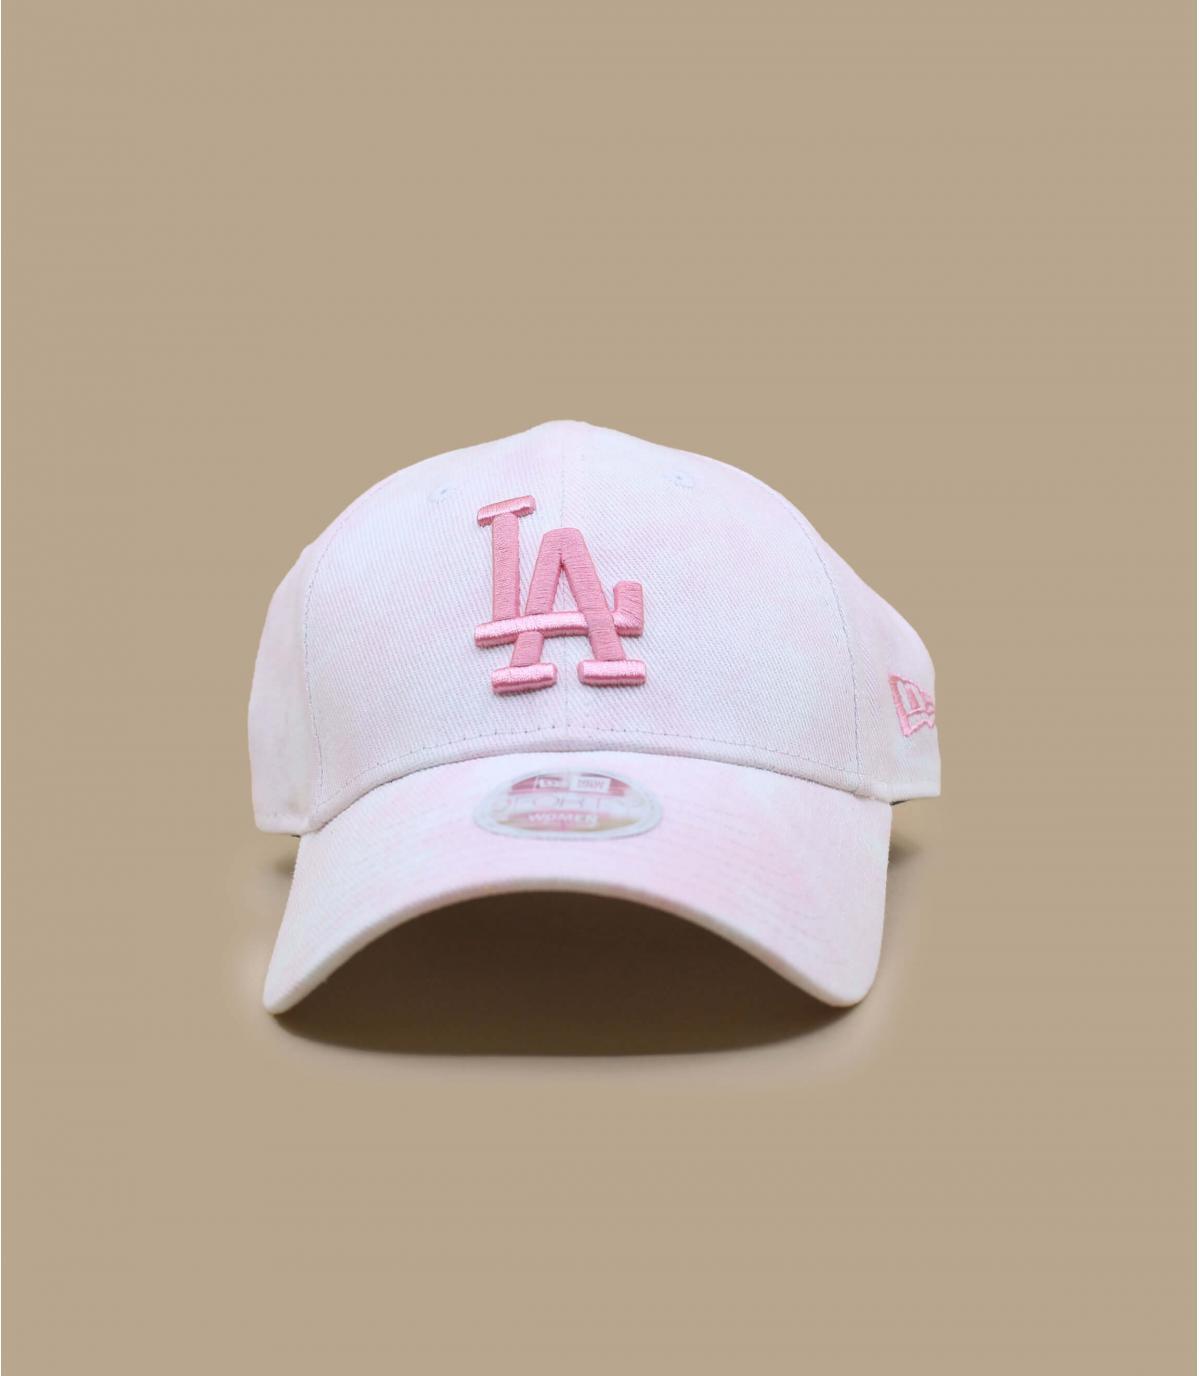 wit roze LA cap